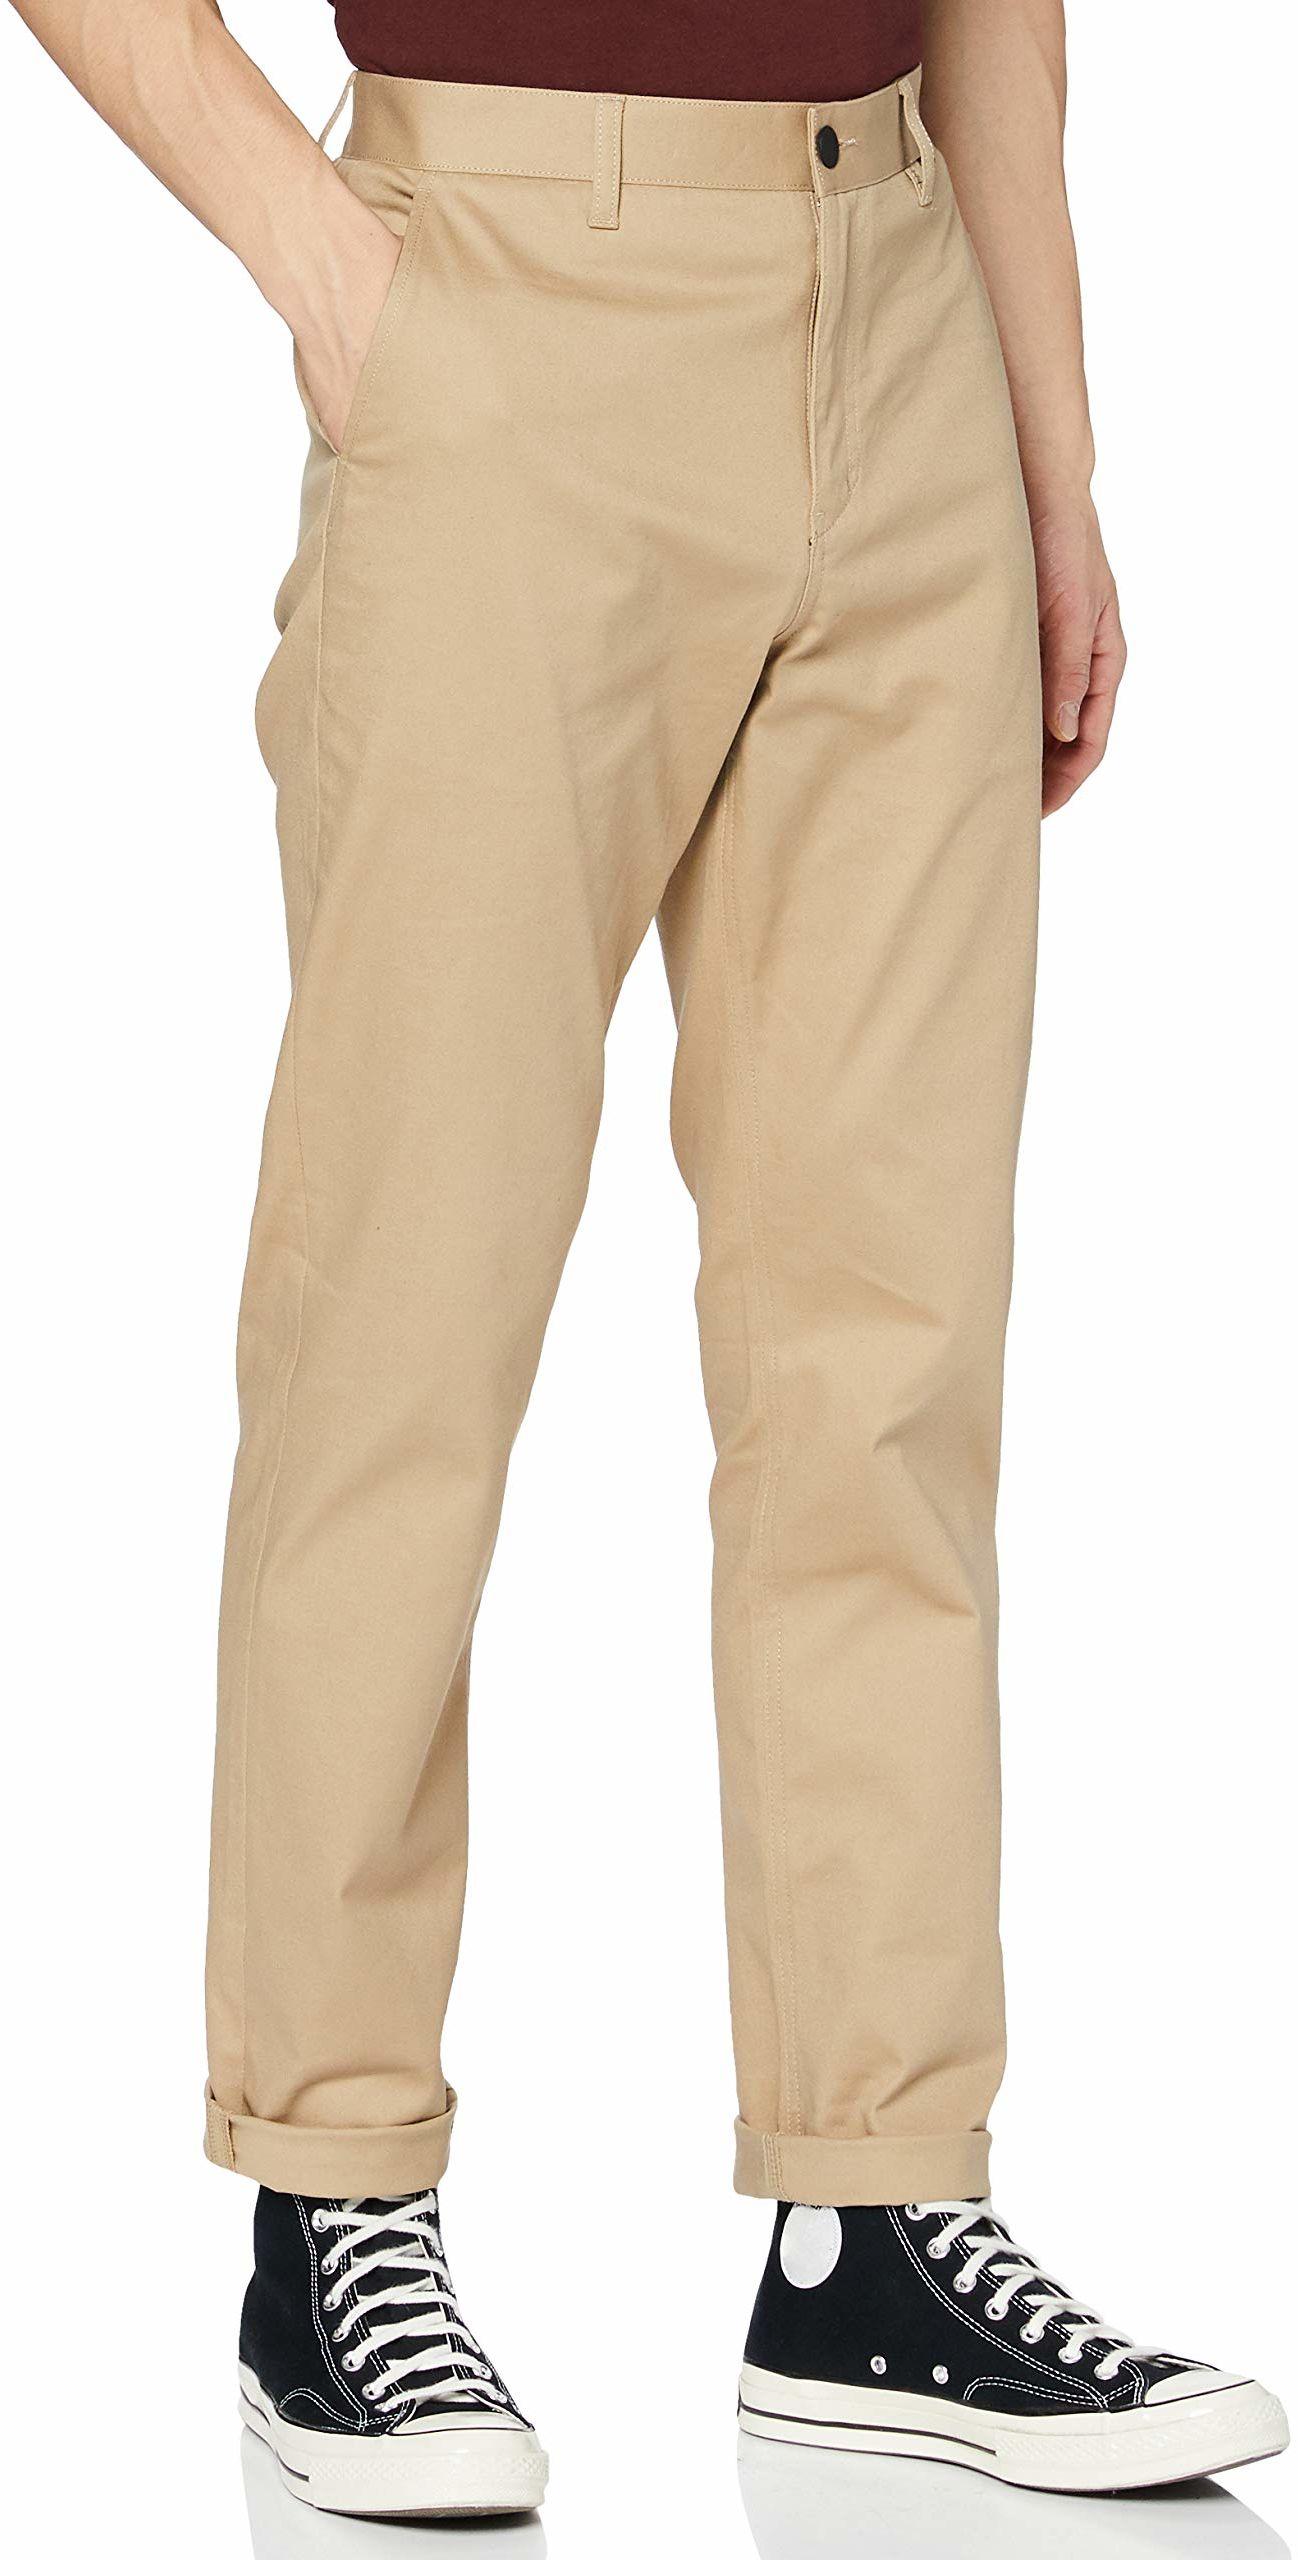 Hurley Męskie spodnie typu chino M O&o stretch Khaki 30